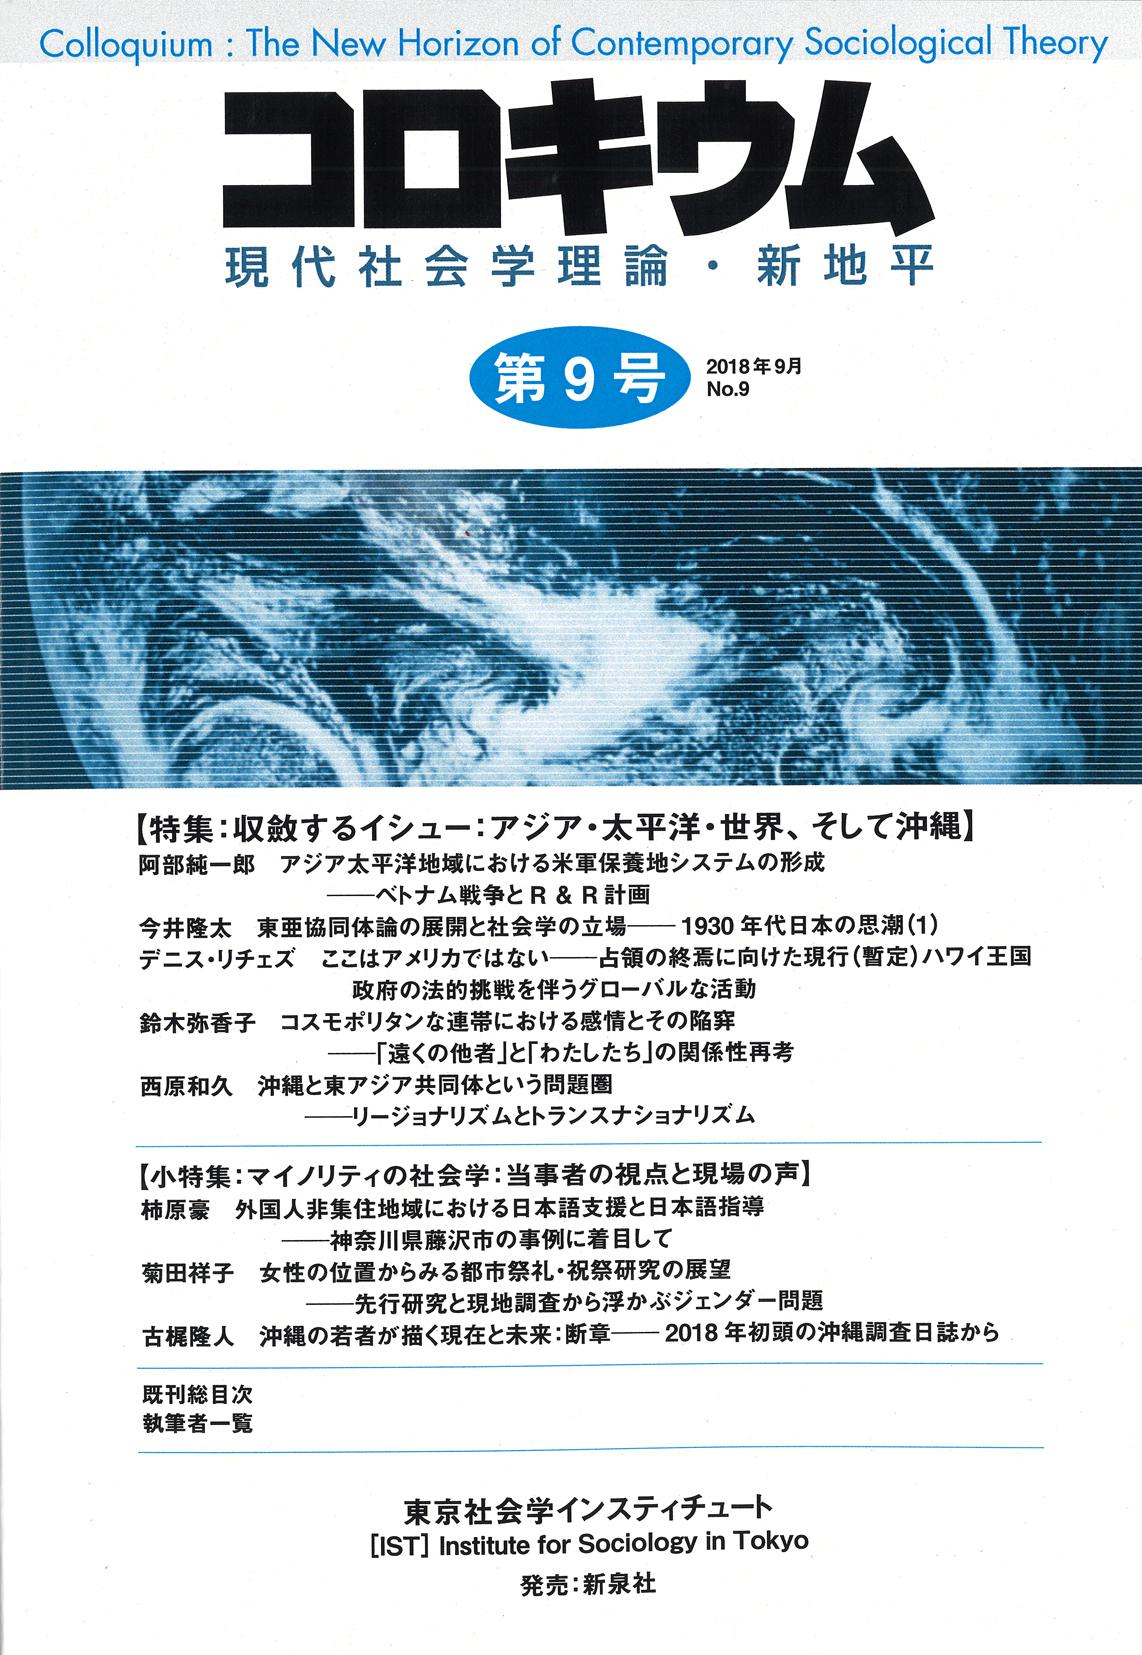 コロキウム‐現代社会学理論・新地平 No.9